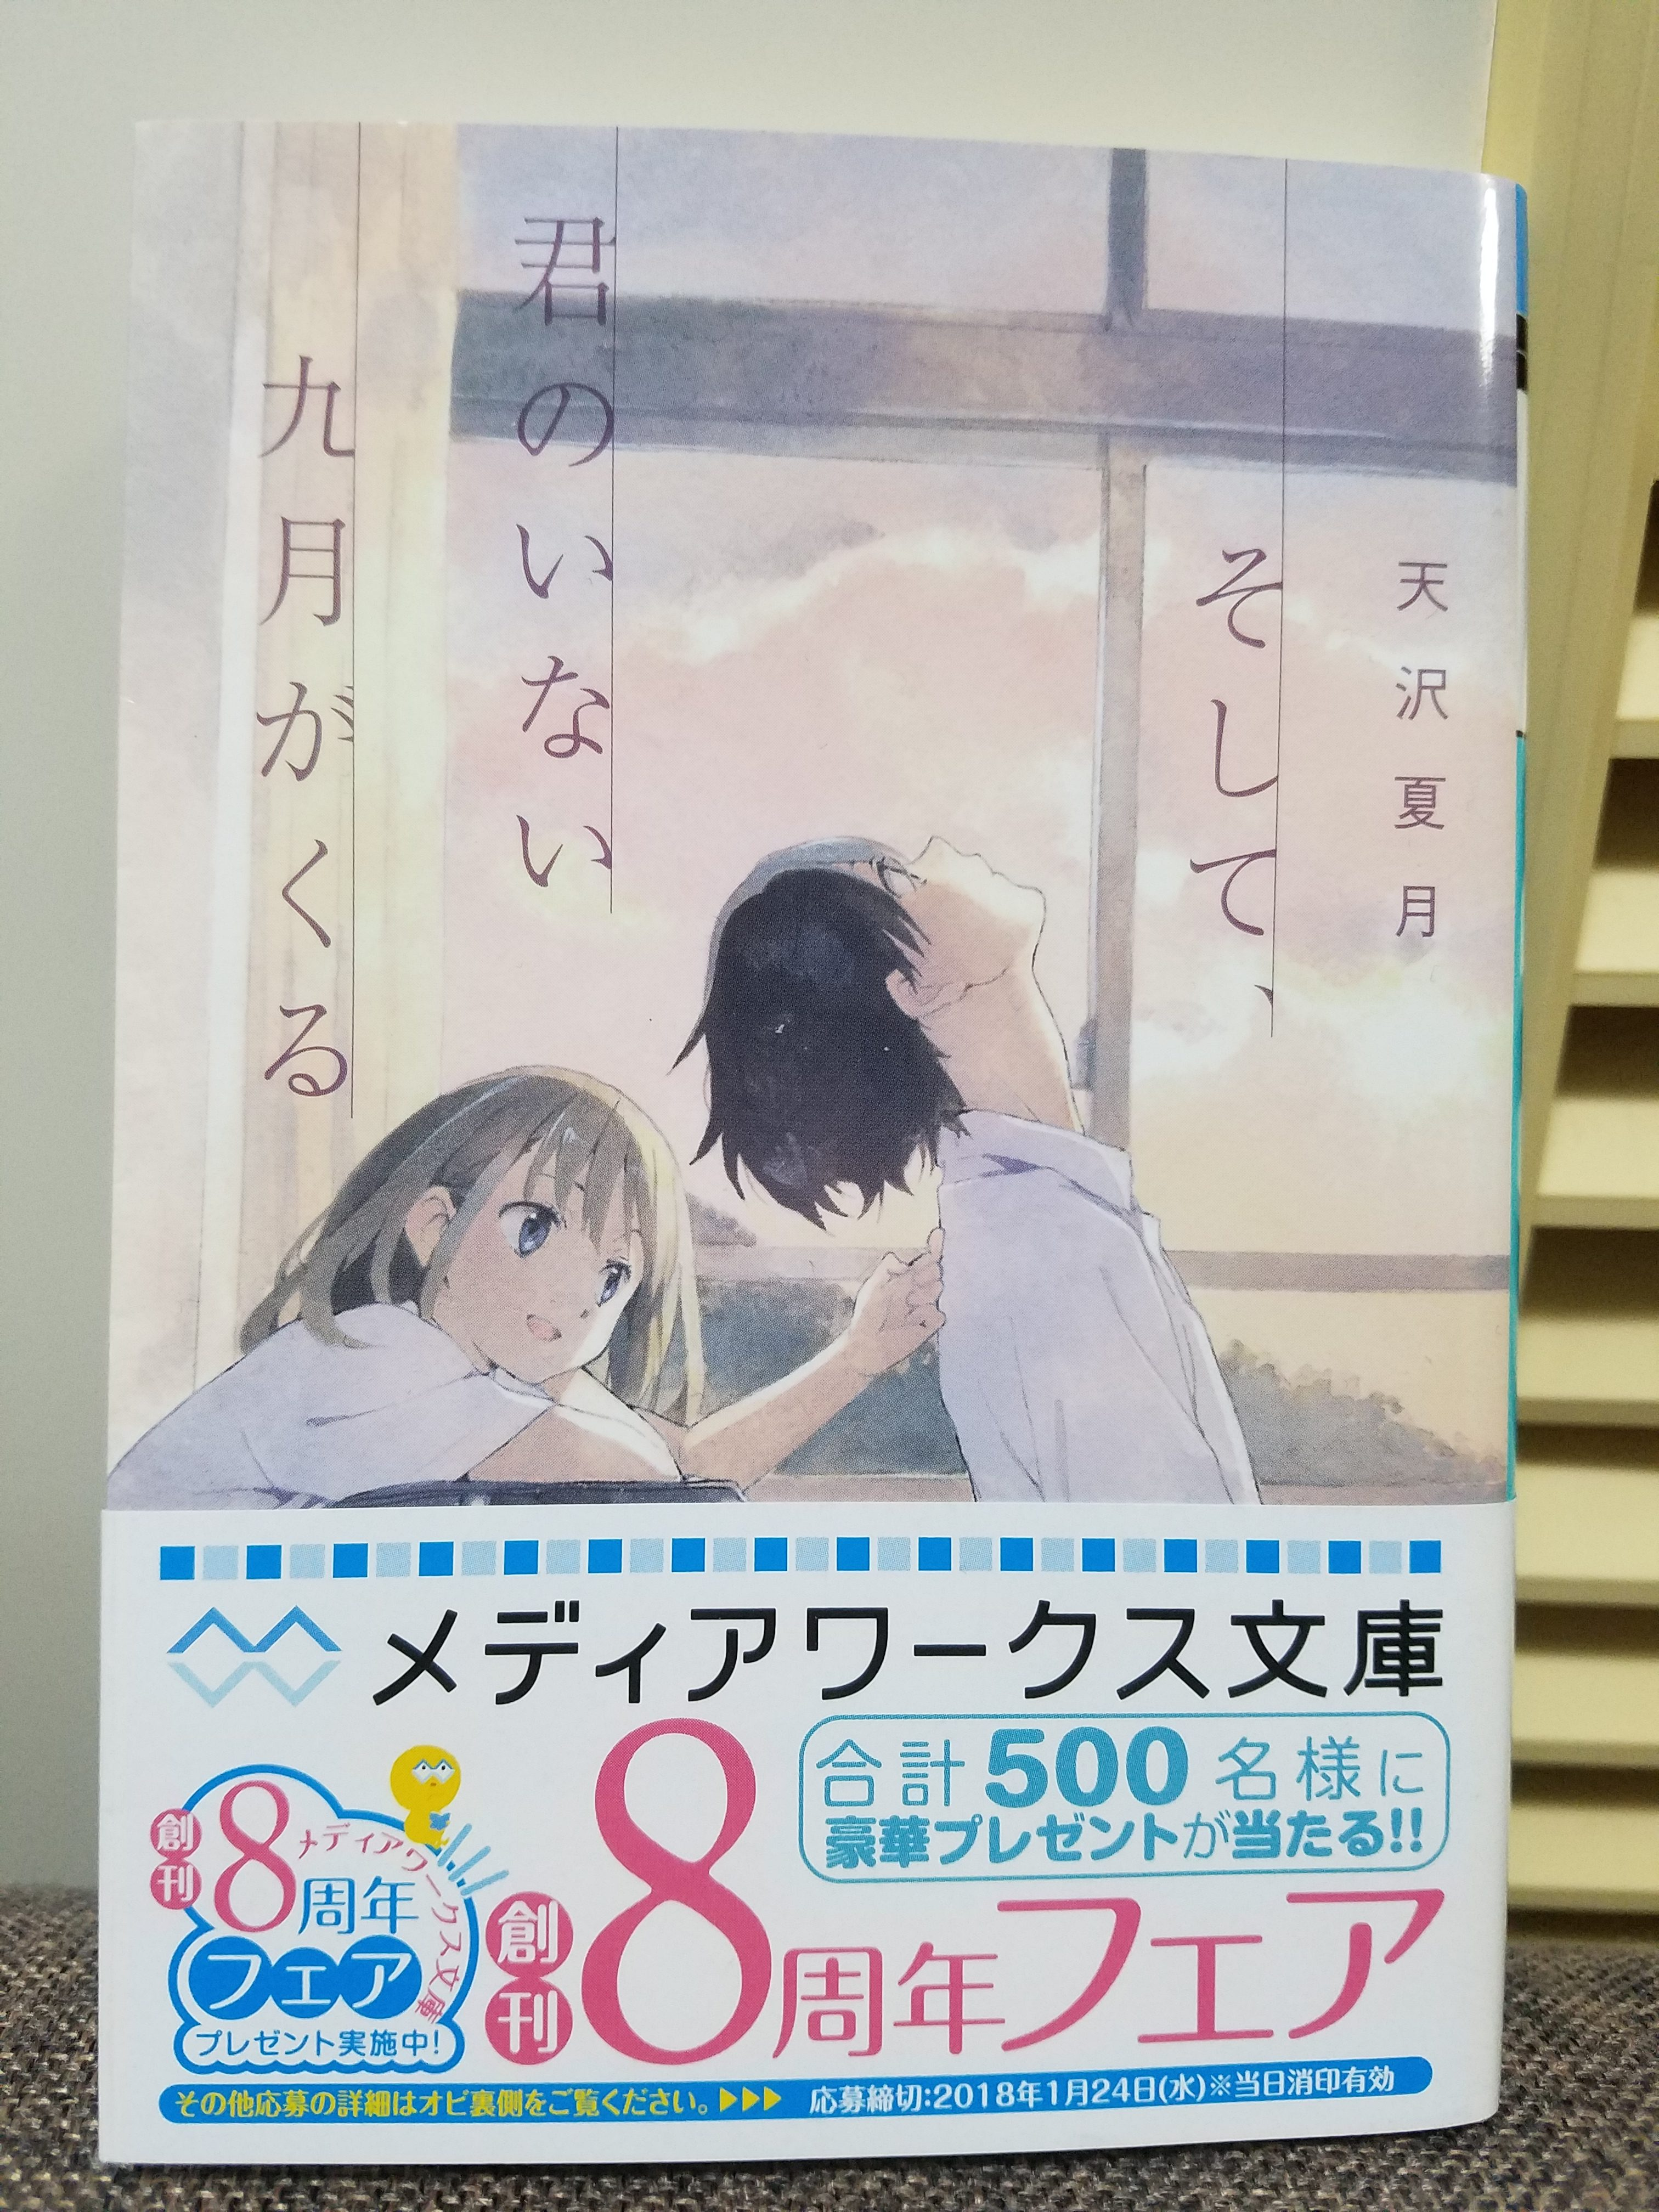 天沢夏月『そして、君のいない九月がくる』感想※ネタバレ注意(素人小説書評)